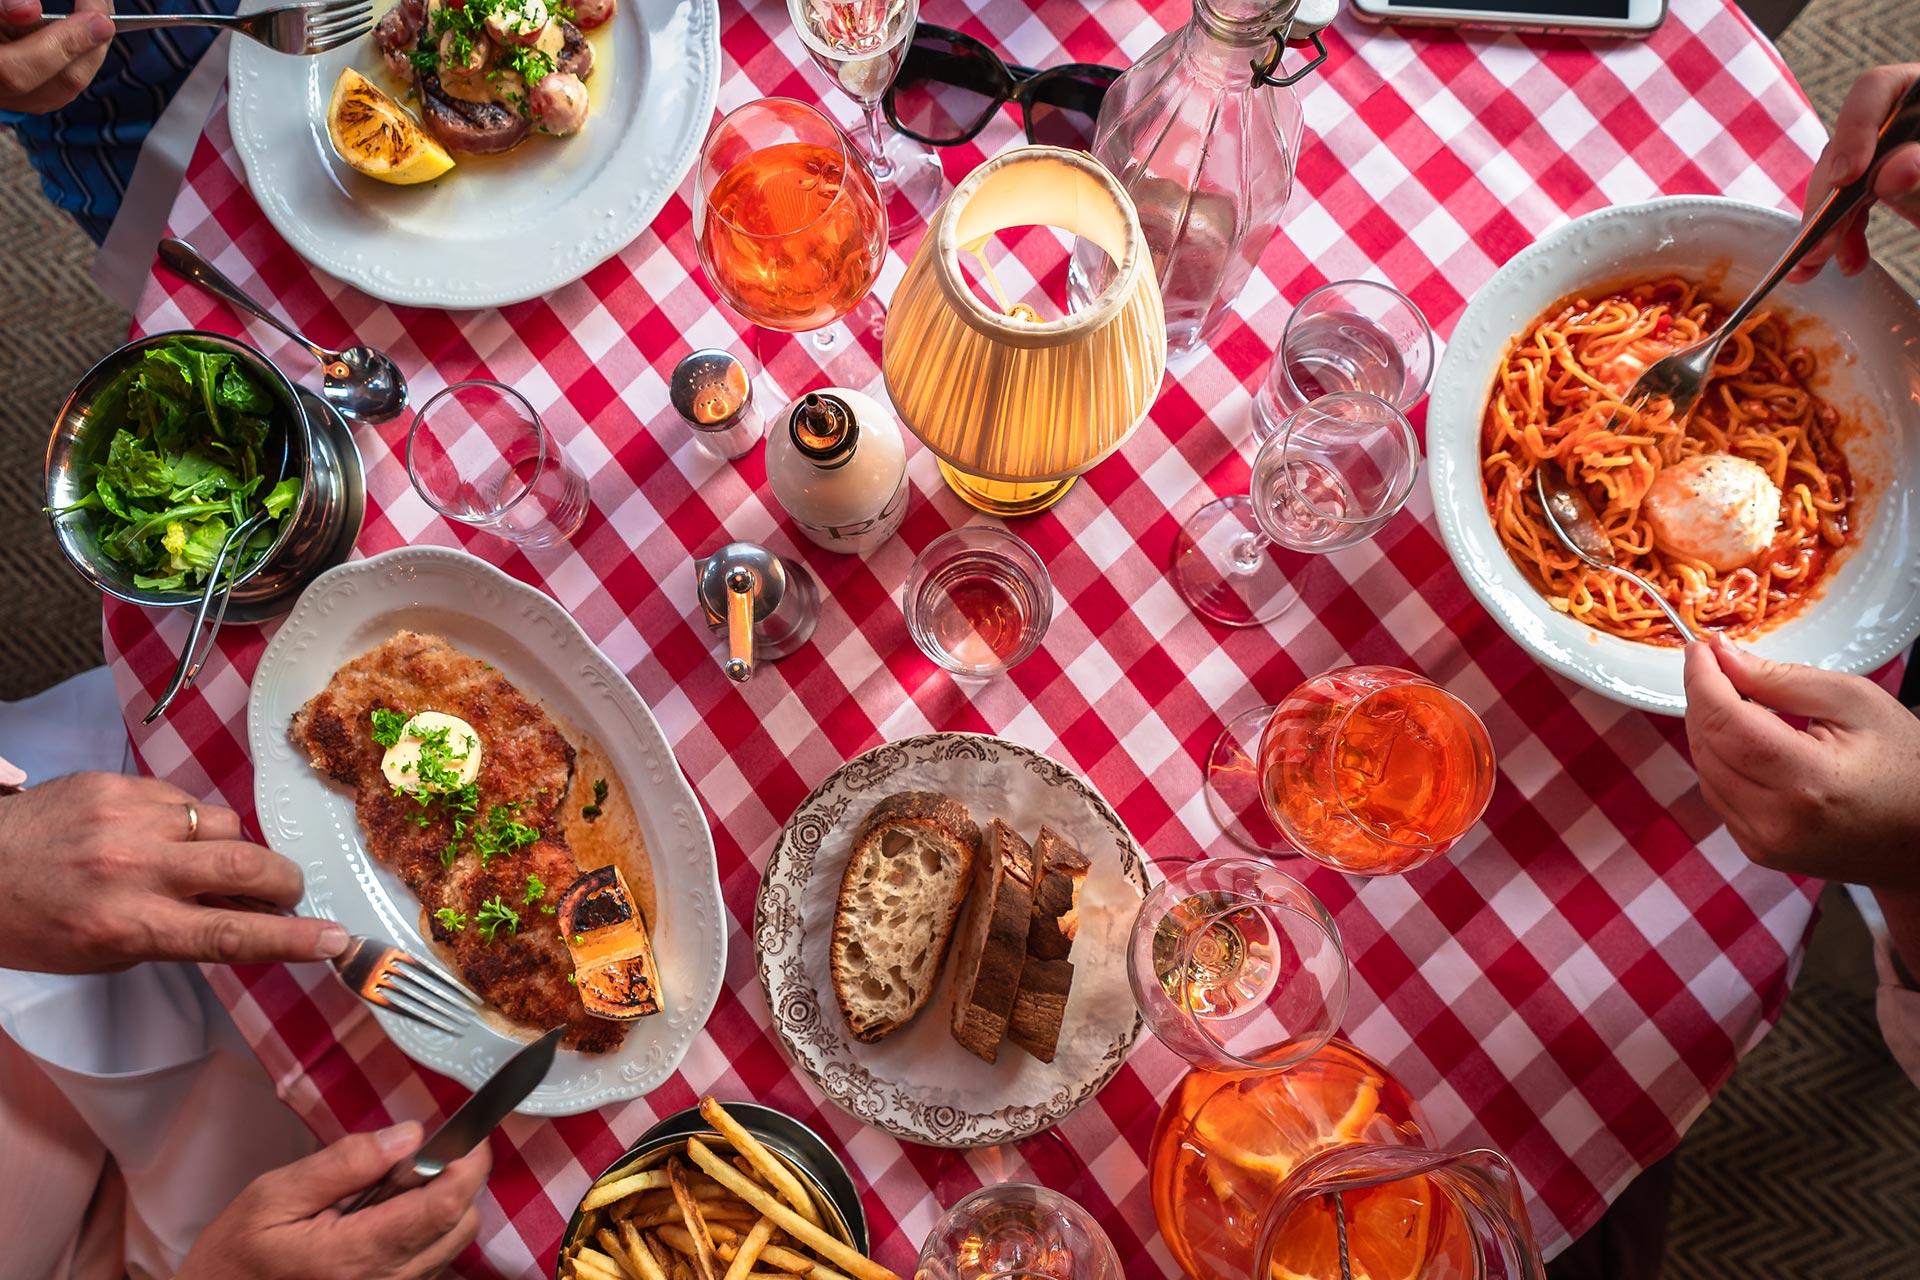 Tallrikar med olika maträtter på en restaurang med röd/vit rutig bordsduk. Fotograf: Findie